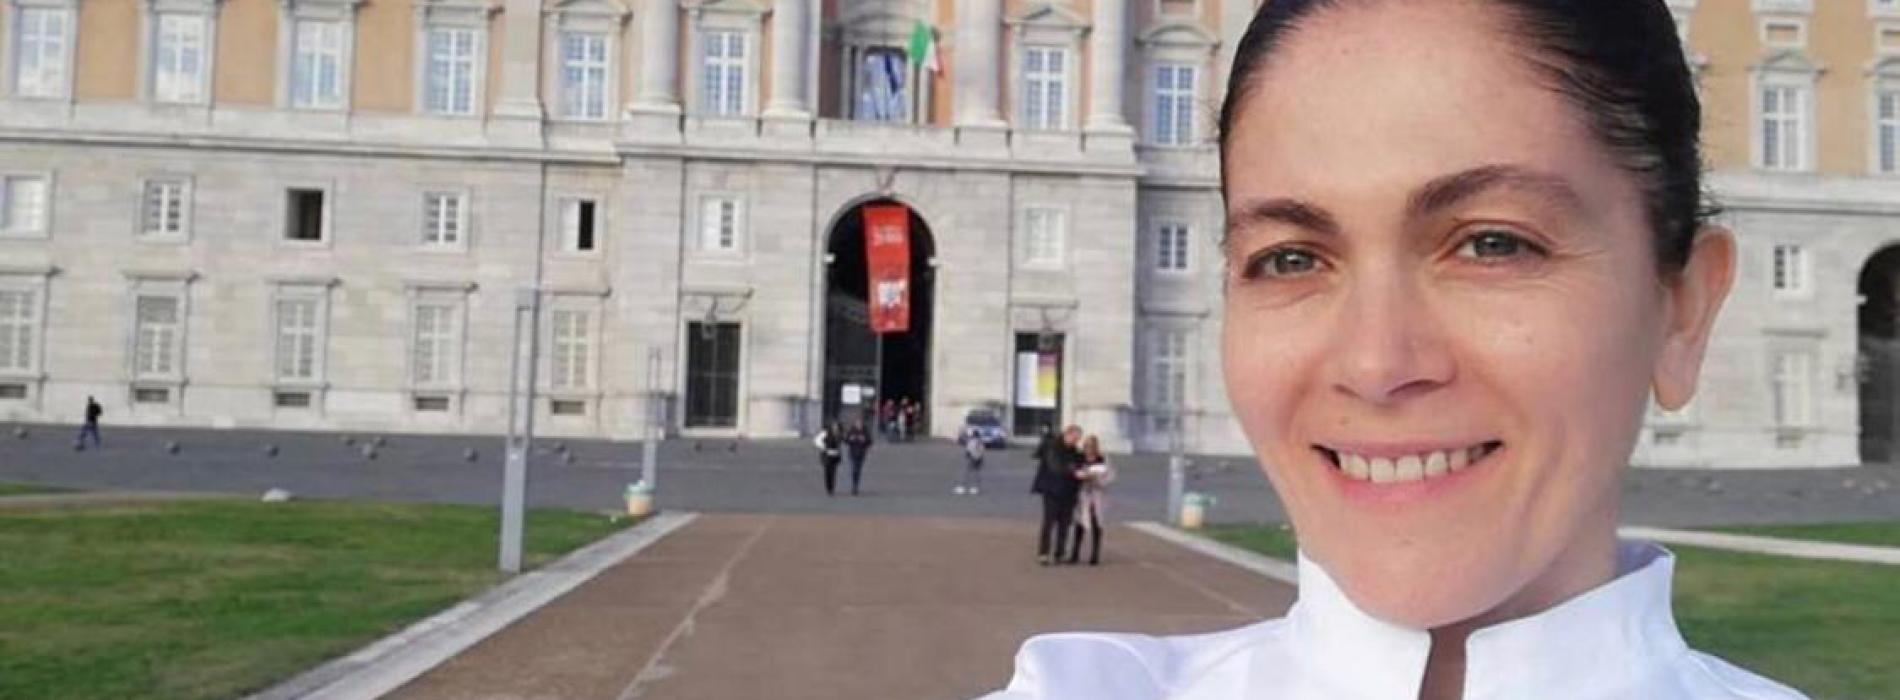 A cena con la stella, Rosanna Marziale alla Reggia di Caserta